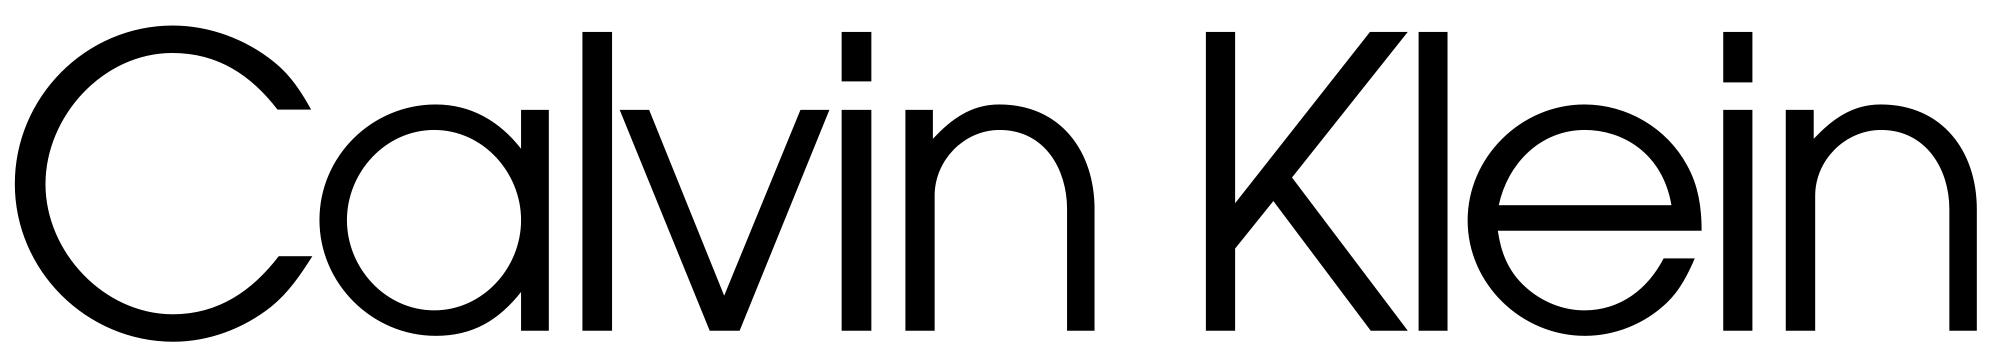 calvin_klein_logo_original_2.png